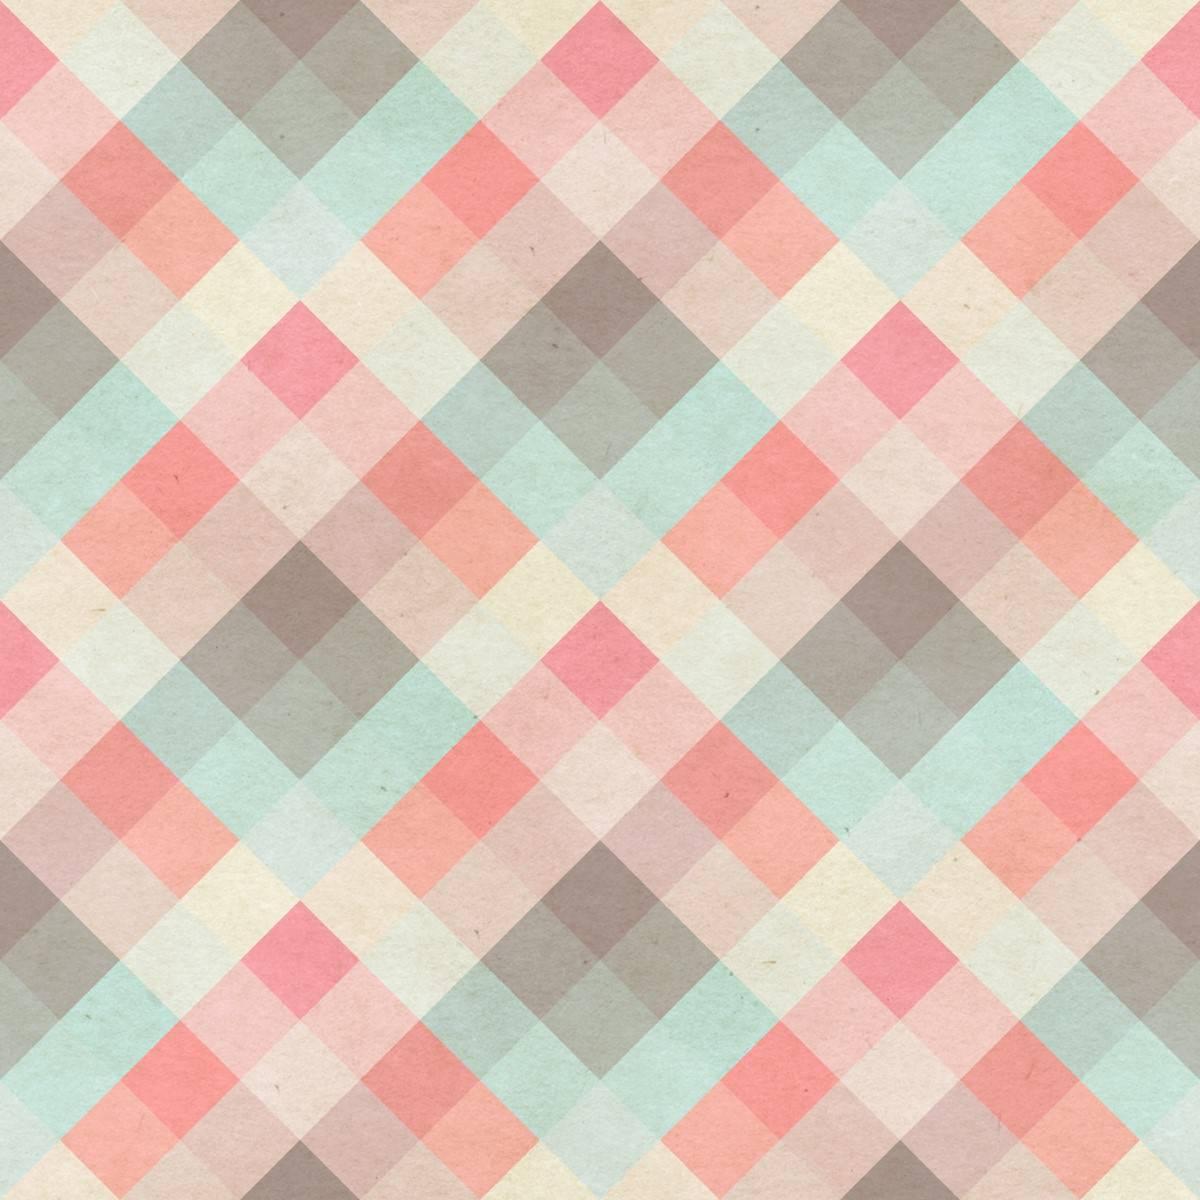 Papel de Parede Xadrez Colorido | Adesivo Vinilico imagem 1